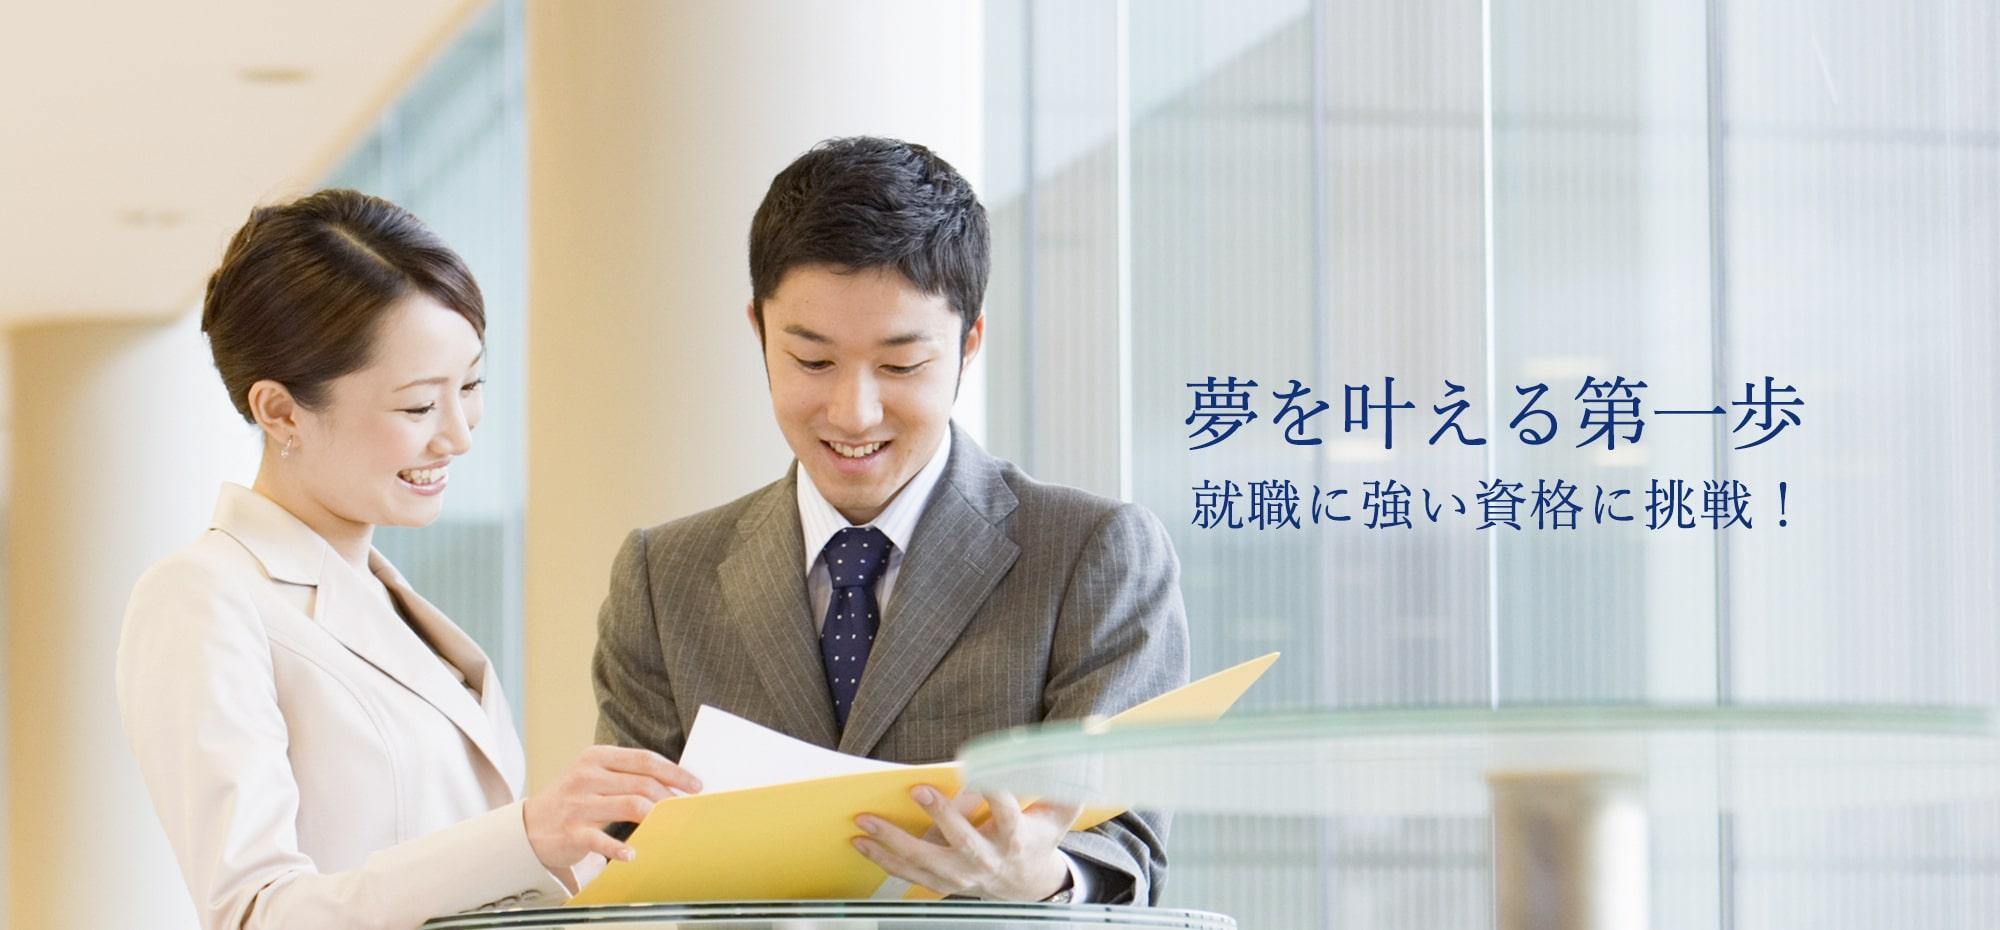 夢を叶える第一歩 就職に強い資格に挑戦!